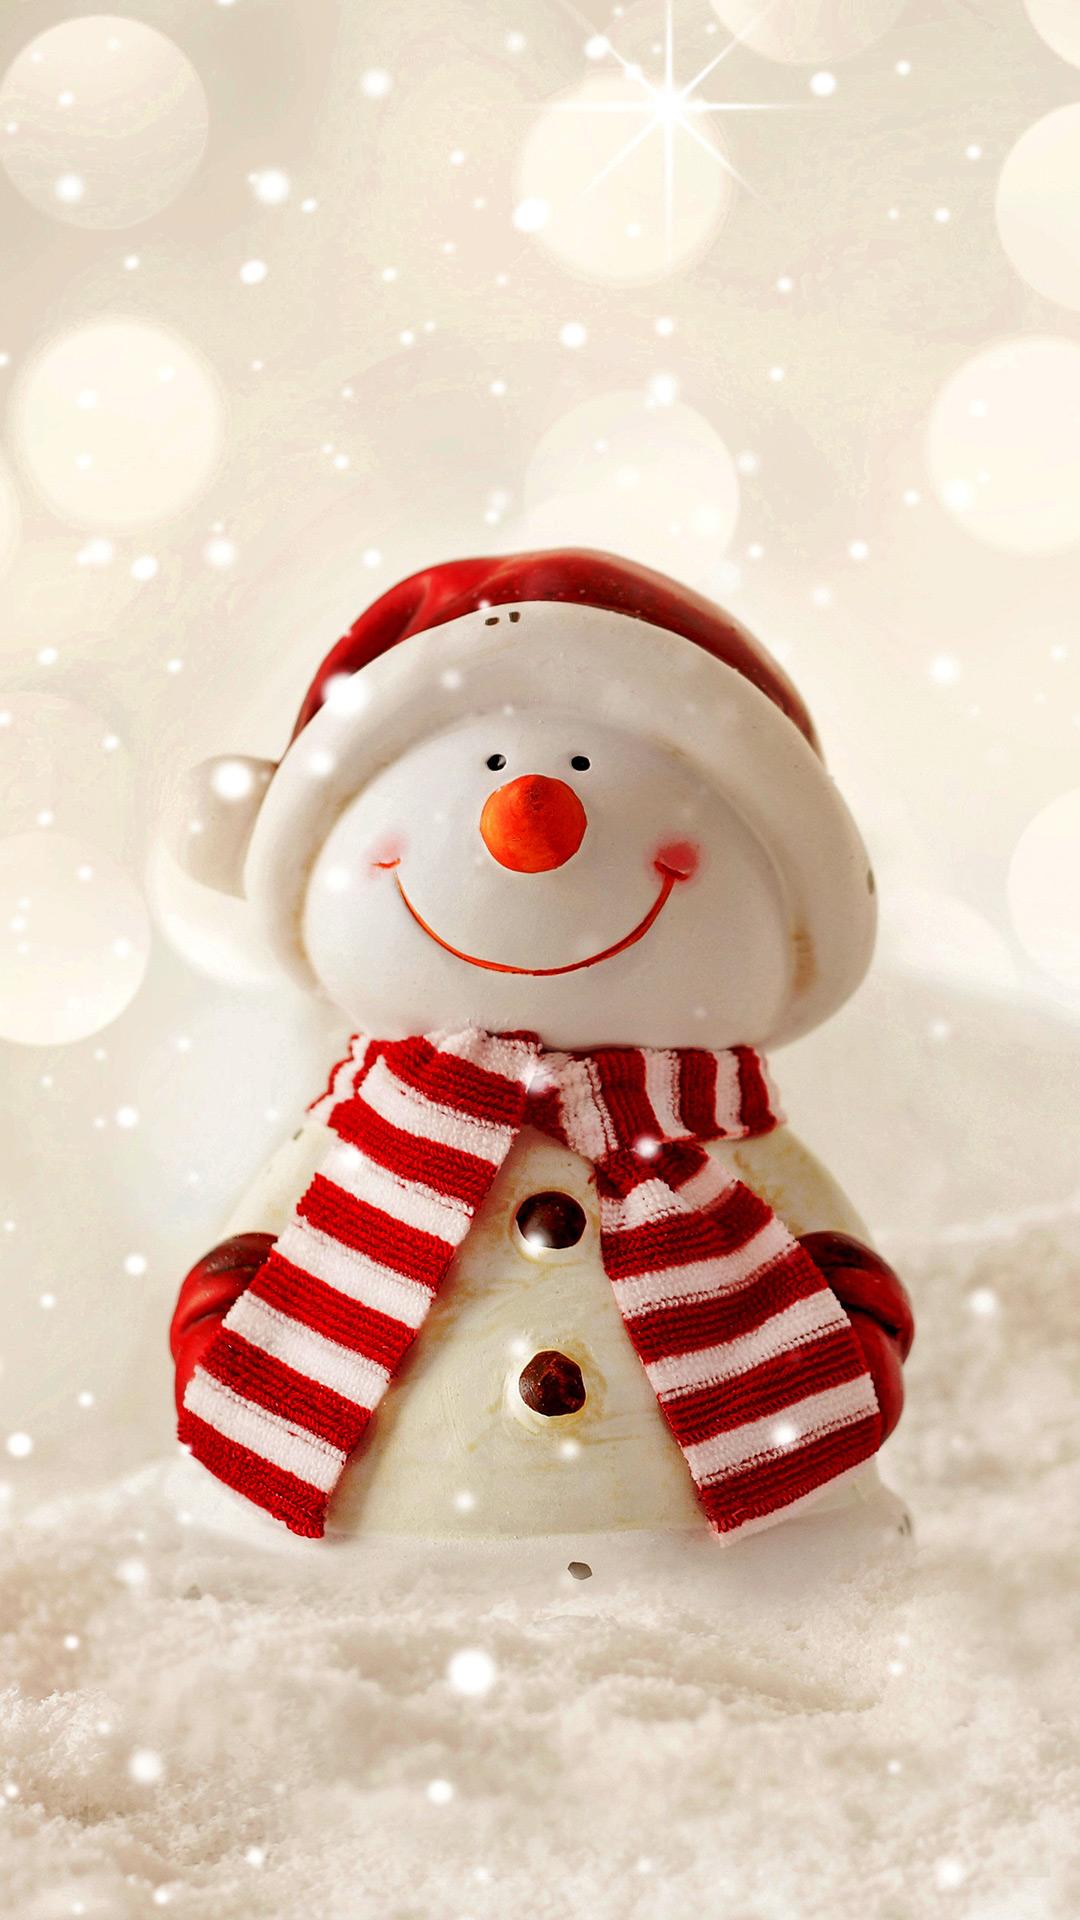 заставка на телефон снеговик